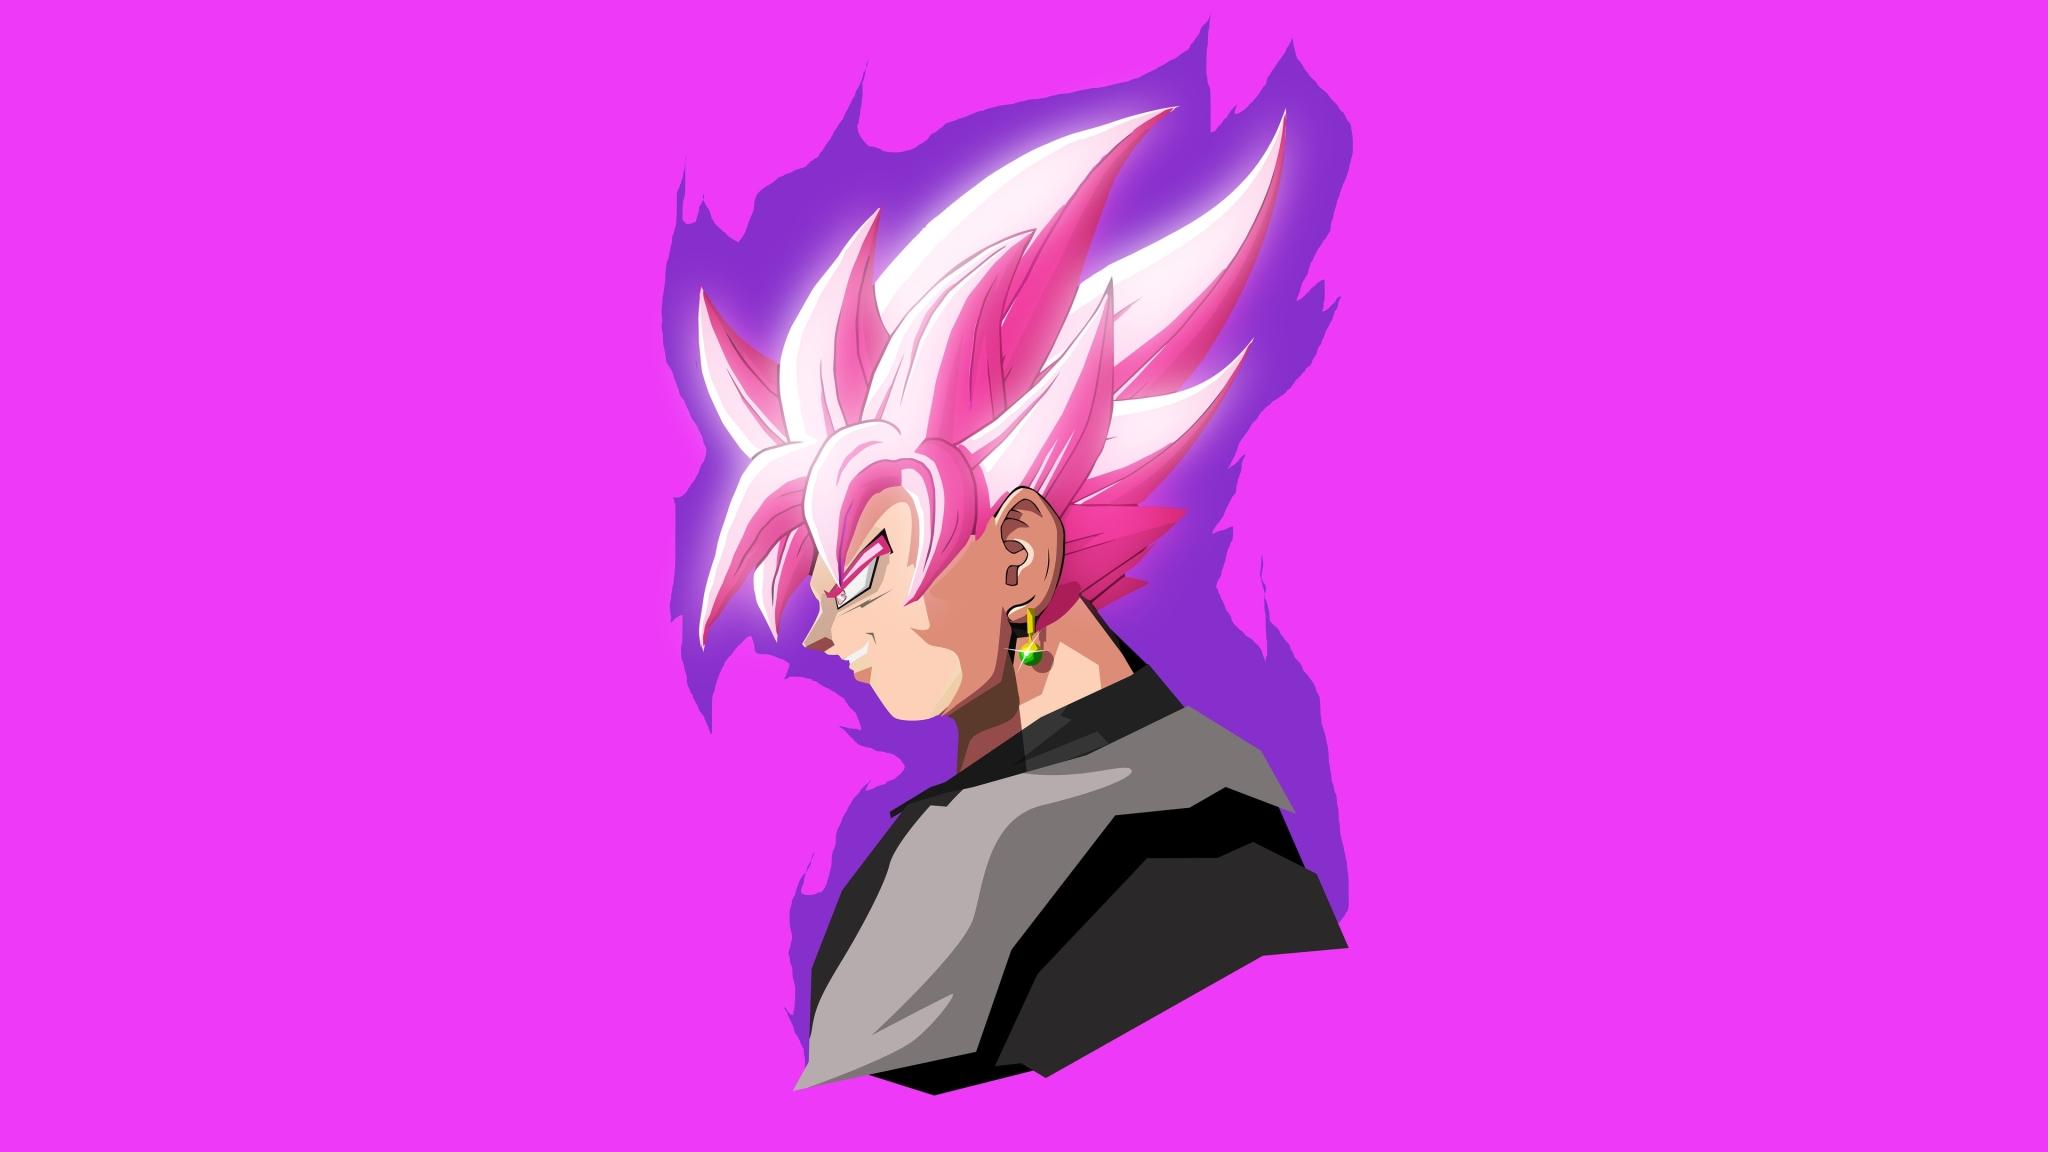 2048x1152 Goku Dragon Ball Minimal 2048x1152 Resolution ...